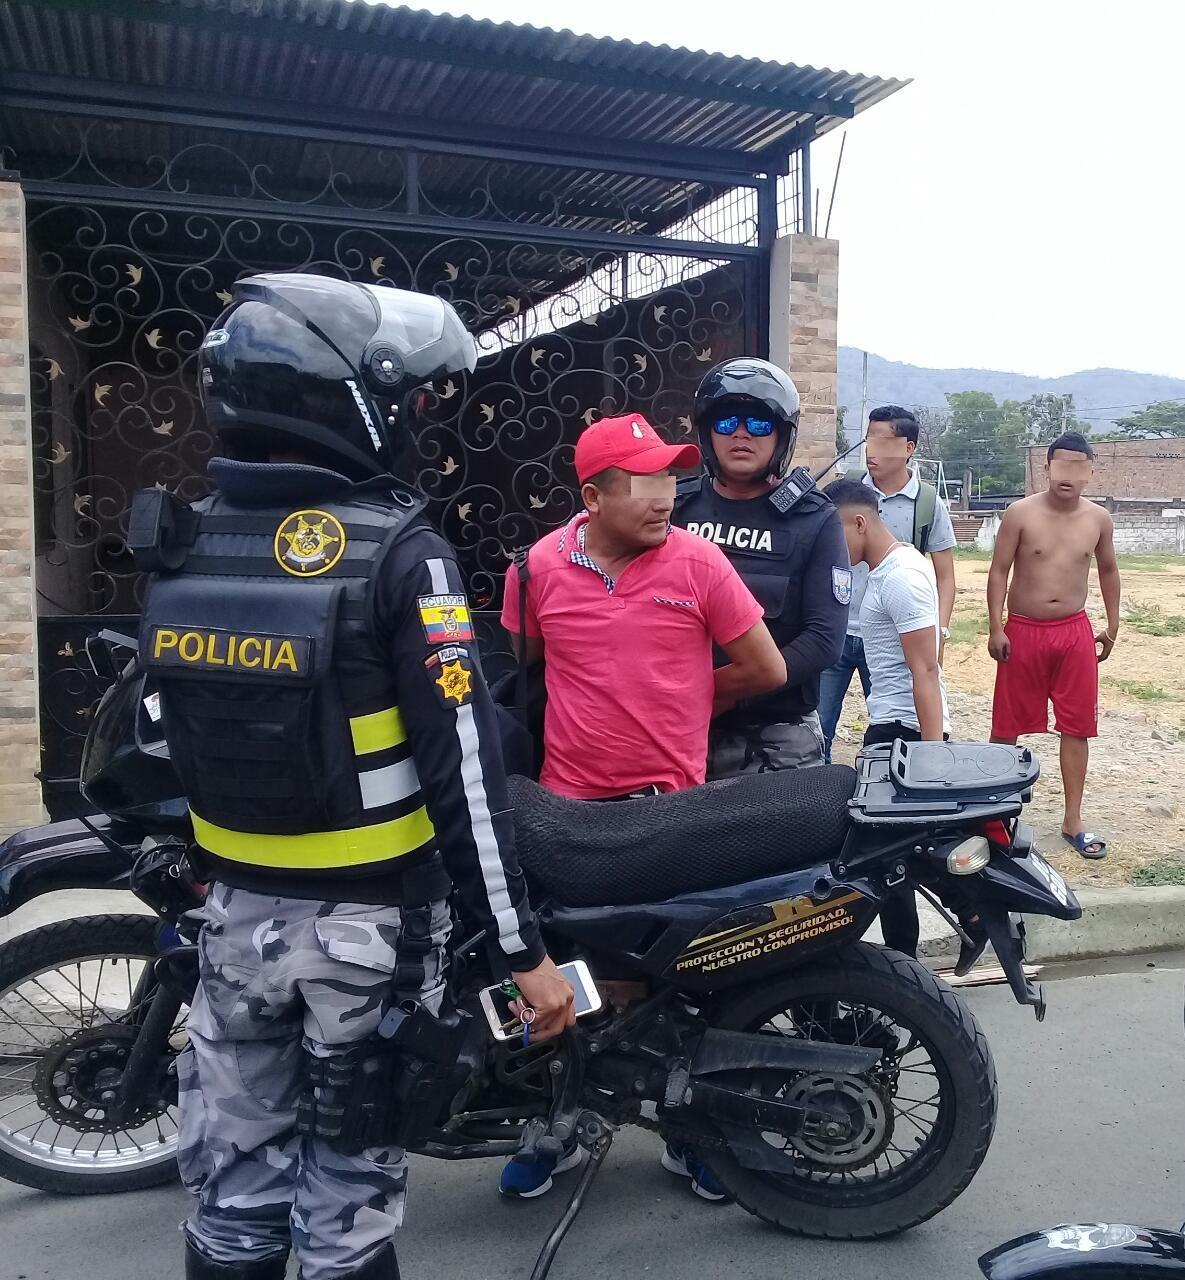 Detiene a un hombre acusado de haber arranchado un celular en Portoviejo